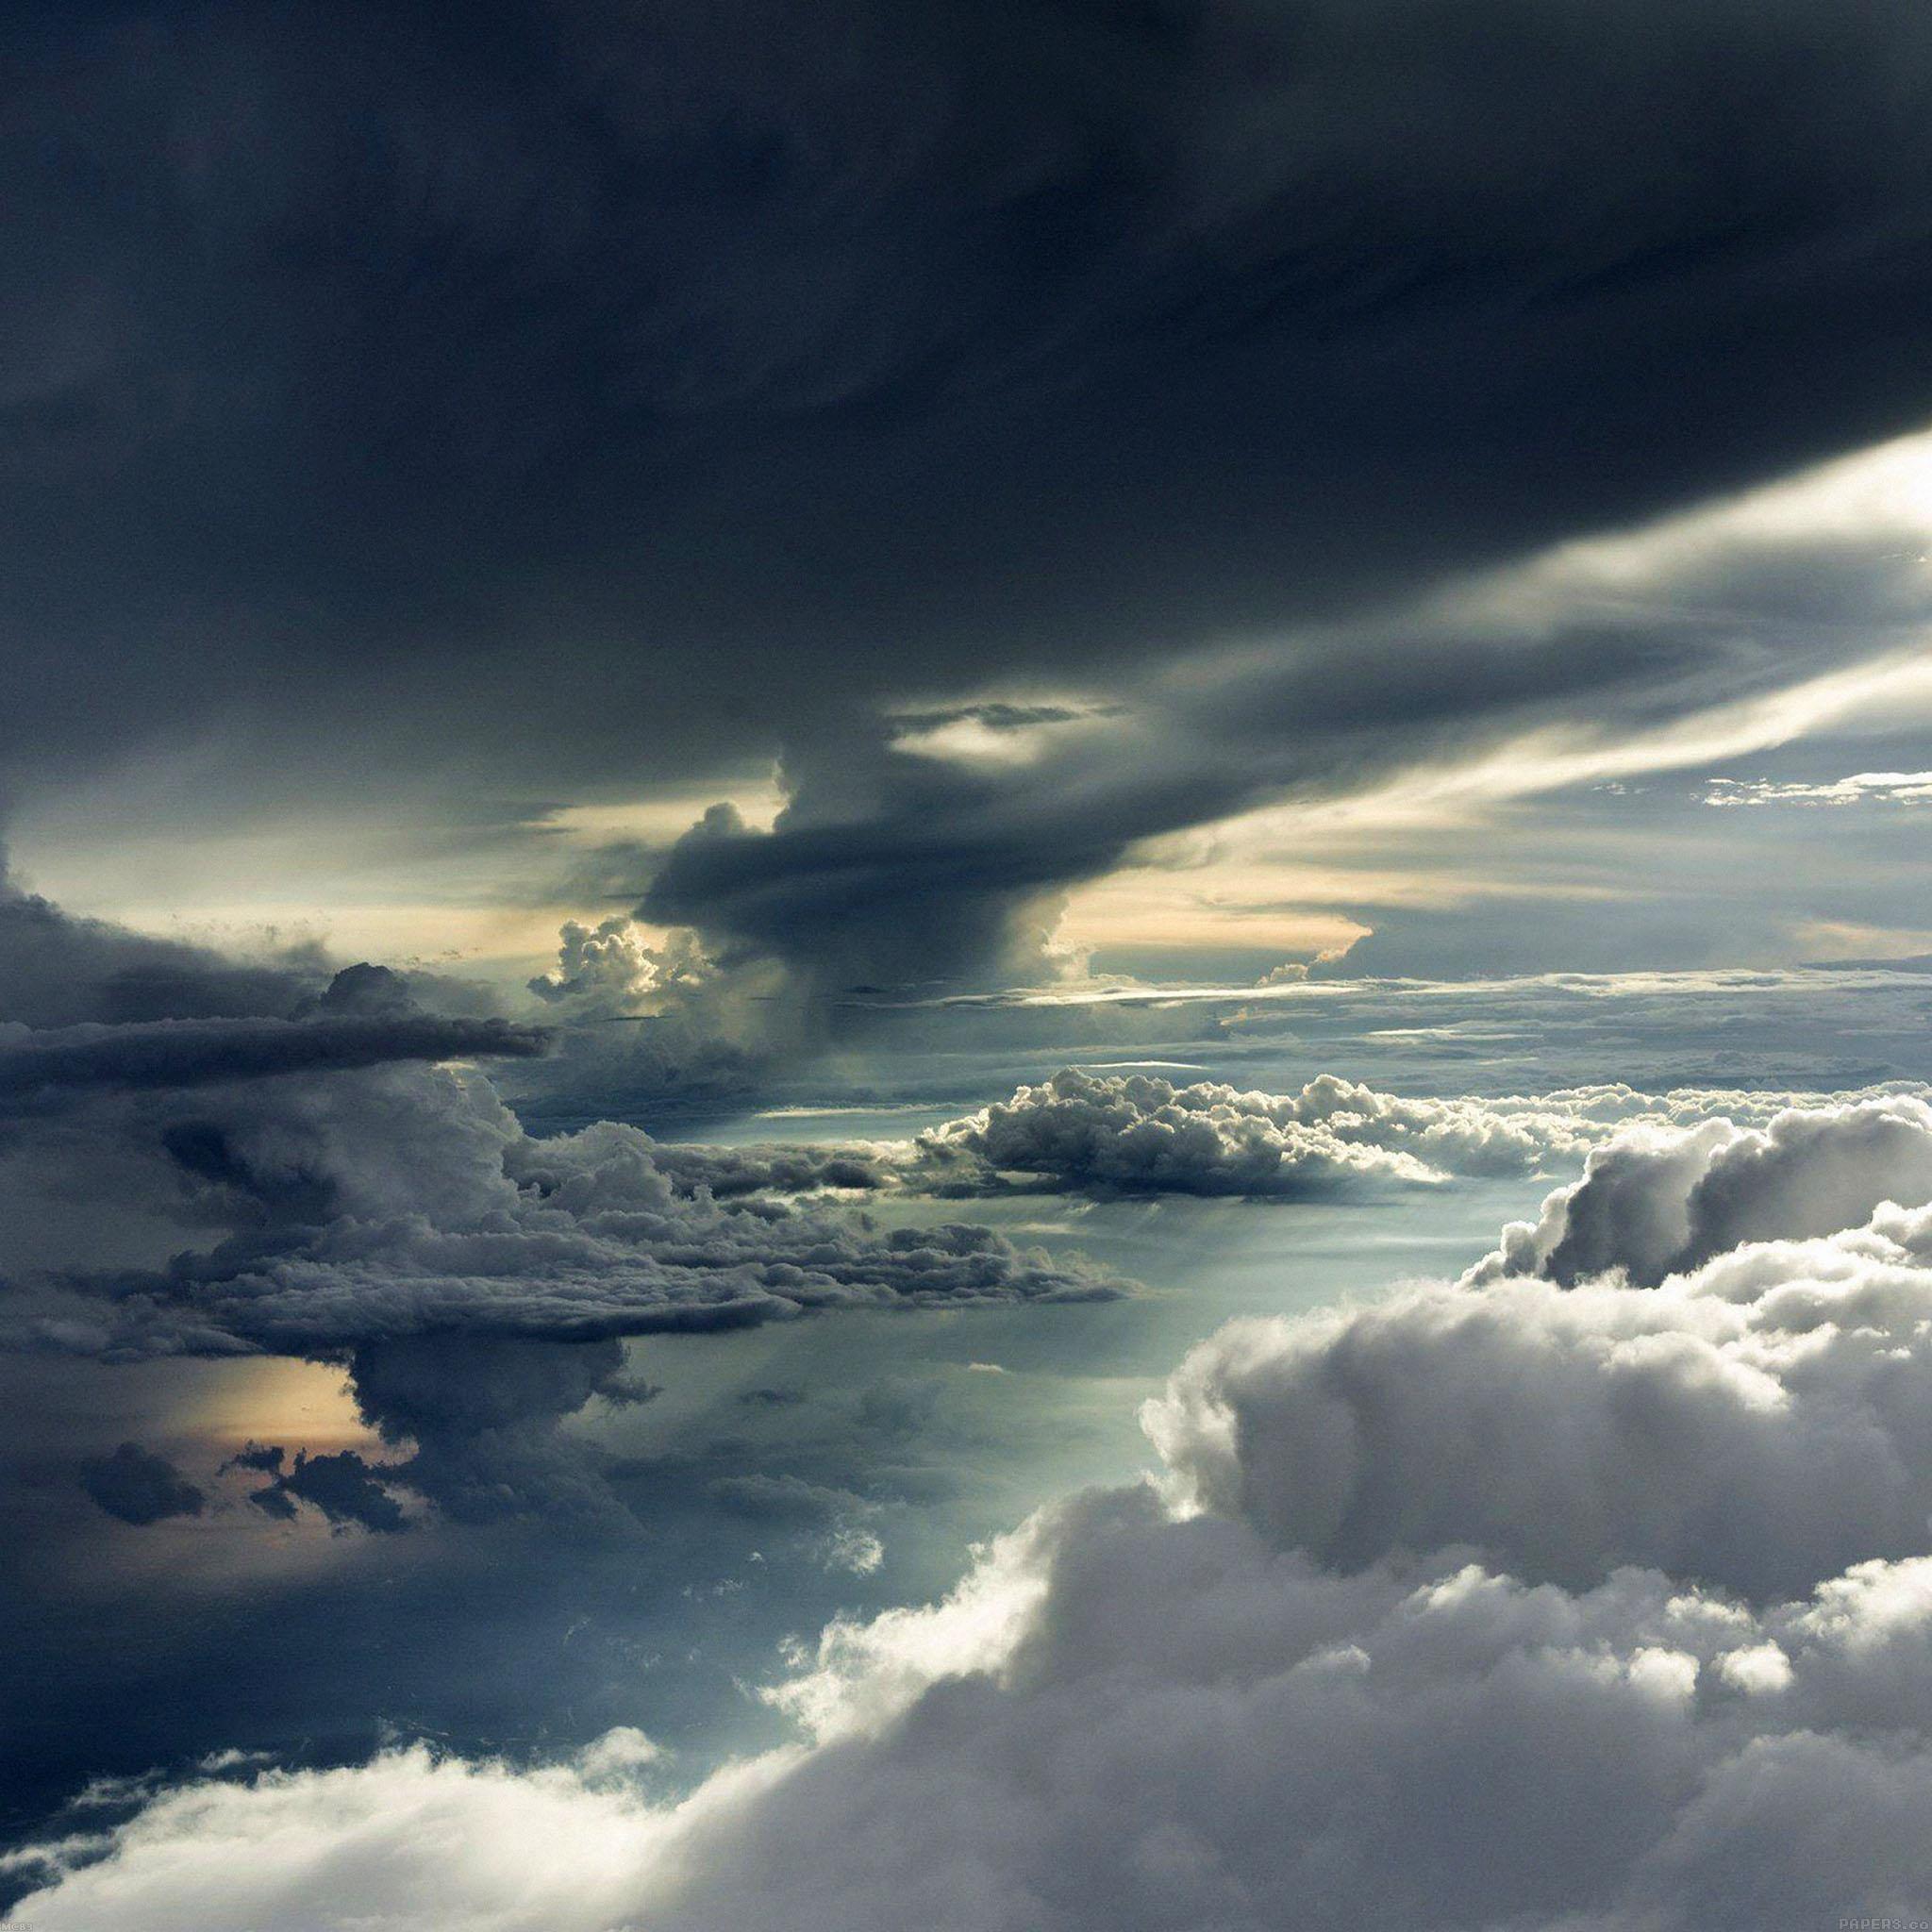 Best Iphone X Wallpapers: Mc83-wallpaper-between-storm-clouds-sky-wallpaper